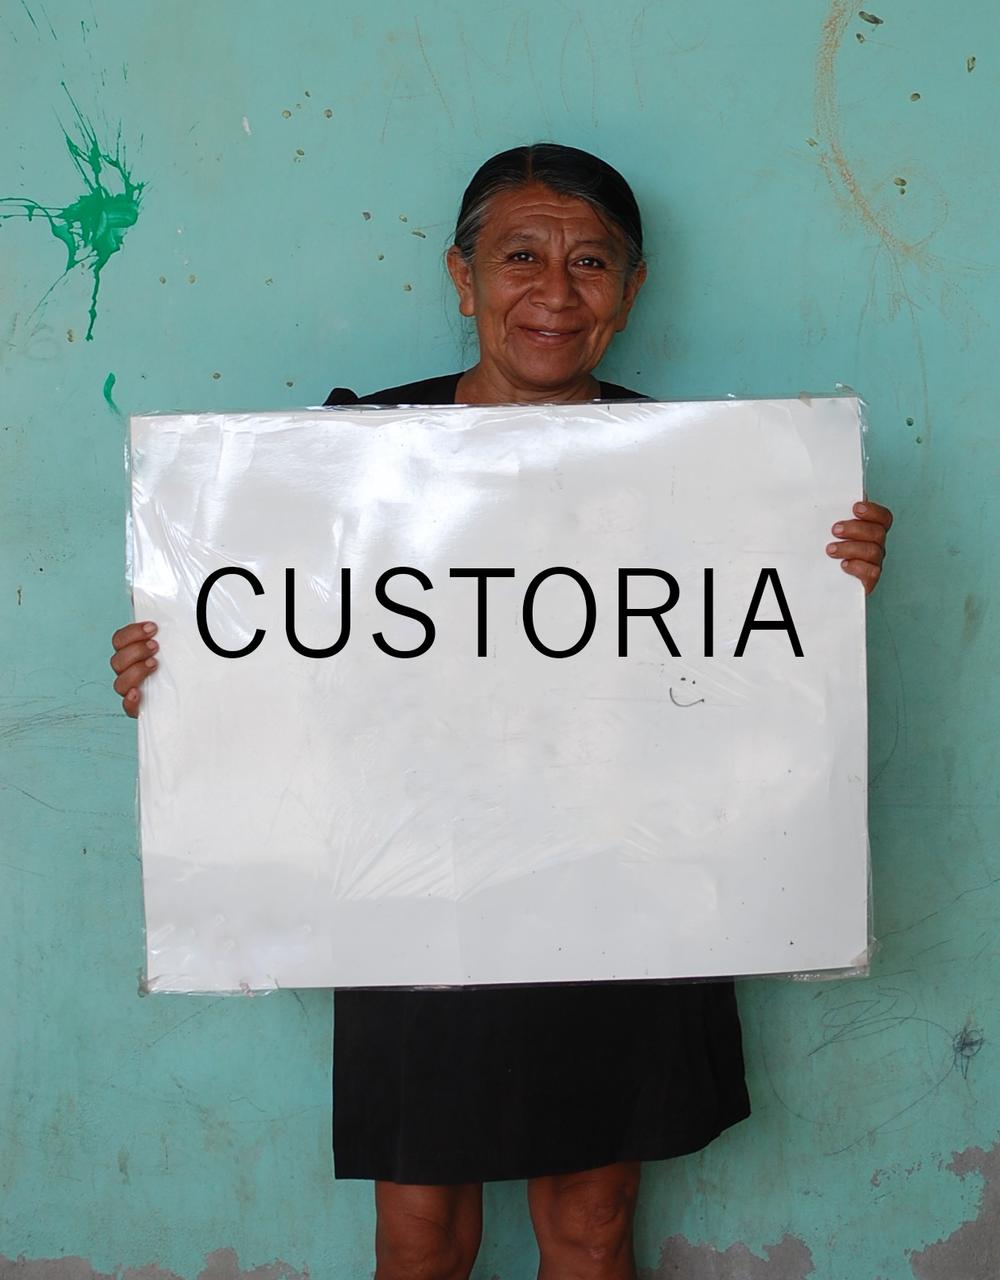 CUSTORIA.png